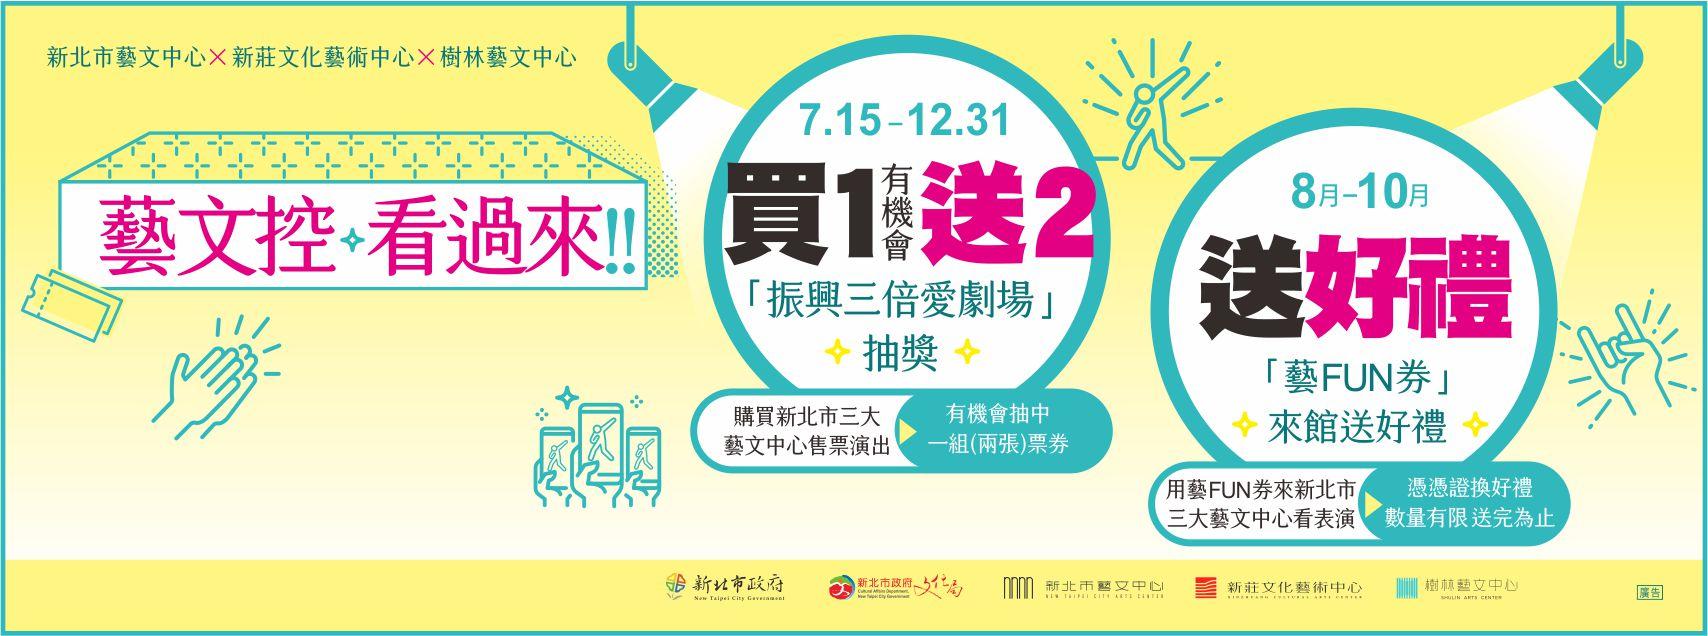 👏新北市政府文化局「振興三倍愛劇場」8月份幸運得主出爐👏